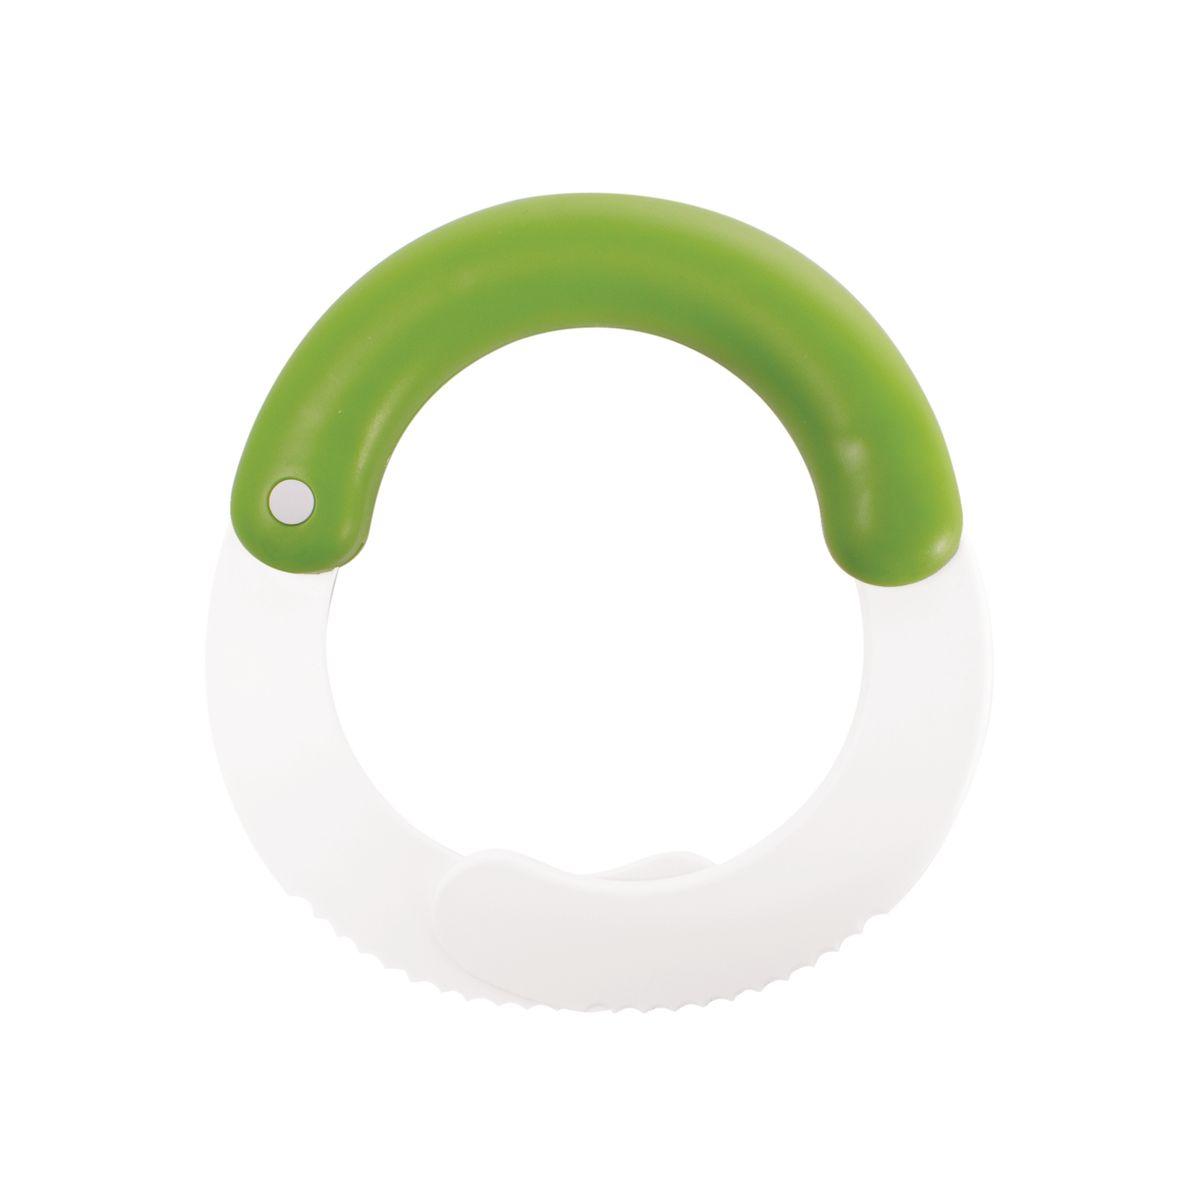 Измельчитель для листьев Chefn115610Измельчитель для листьев Chefn позволит легко и просто подготовить салат для любого блюда. Этим устройством удобно пользоваться на разделочной доске или прямо в миске. Резиновая ручка обеспечивает надежный захват, а зазубренные лезвия быстро режут листья салата, оставляя их свежими и предотвращая увядание. Продукция торговой марки Chefn призвана облегчить и упростить работу на кухне.Можно мыть в посудомоечной машине.